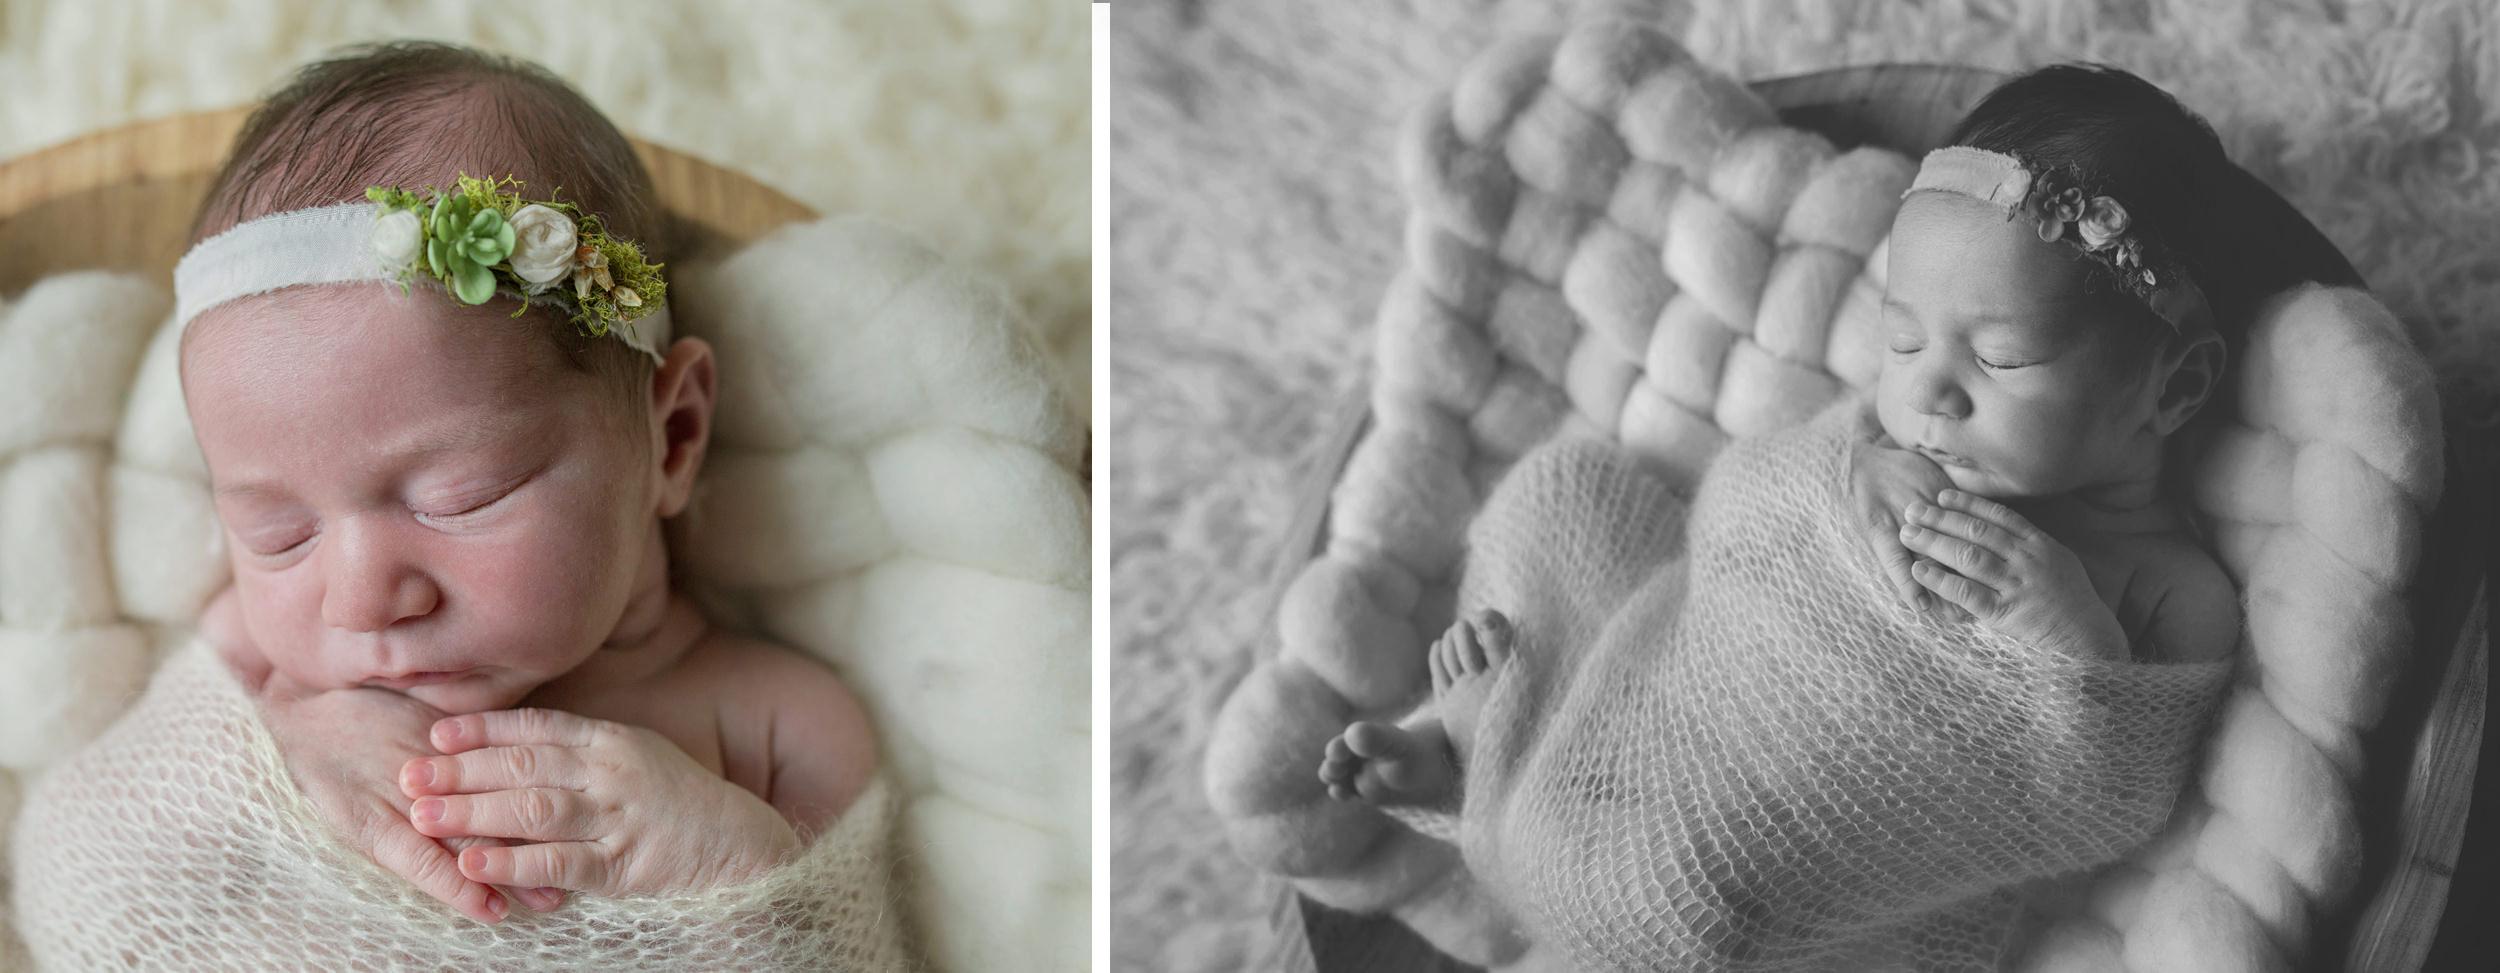 Ebensburg PA newborn baby photographer 10.jpg